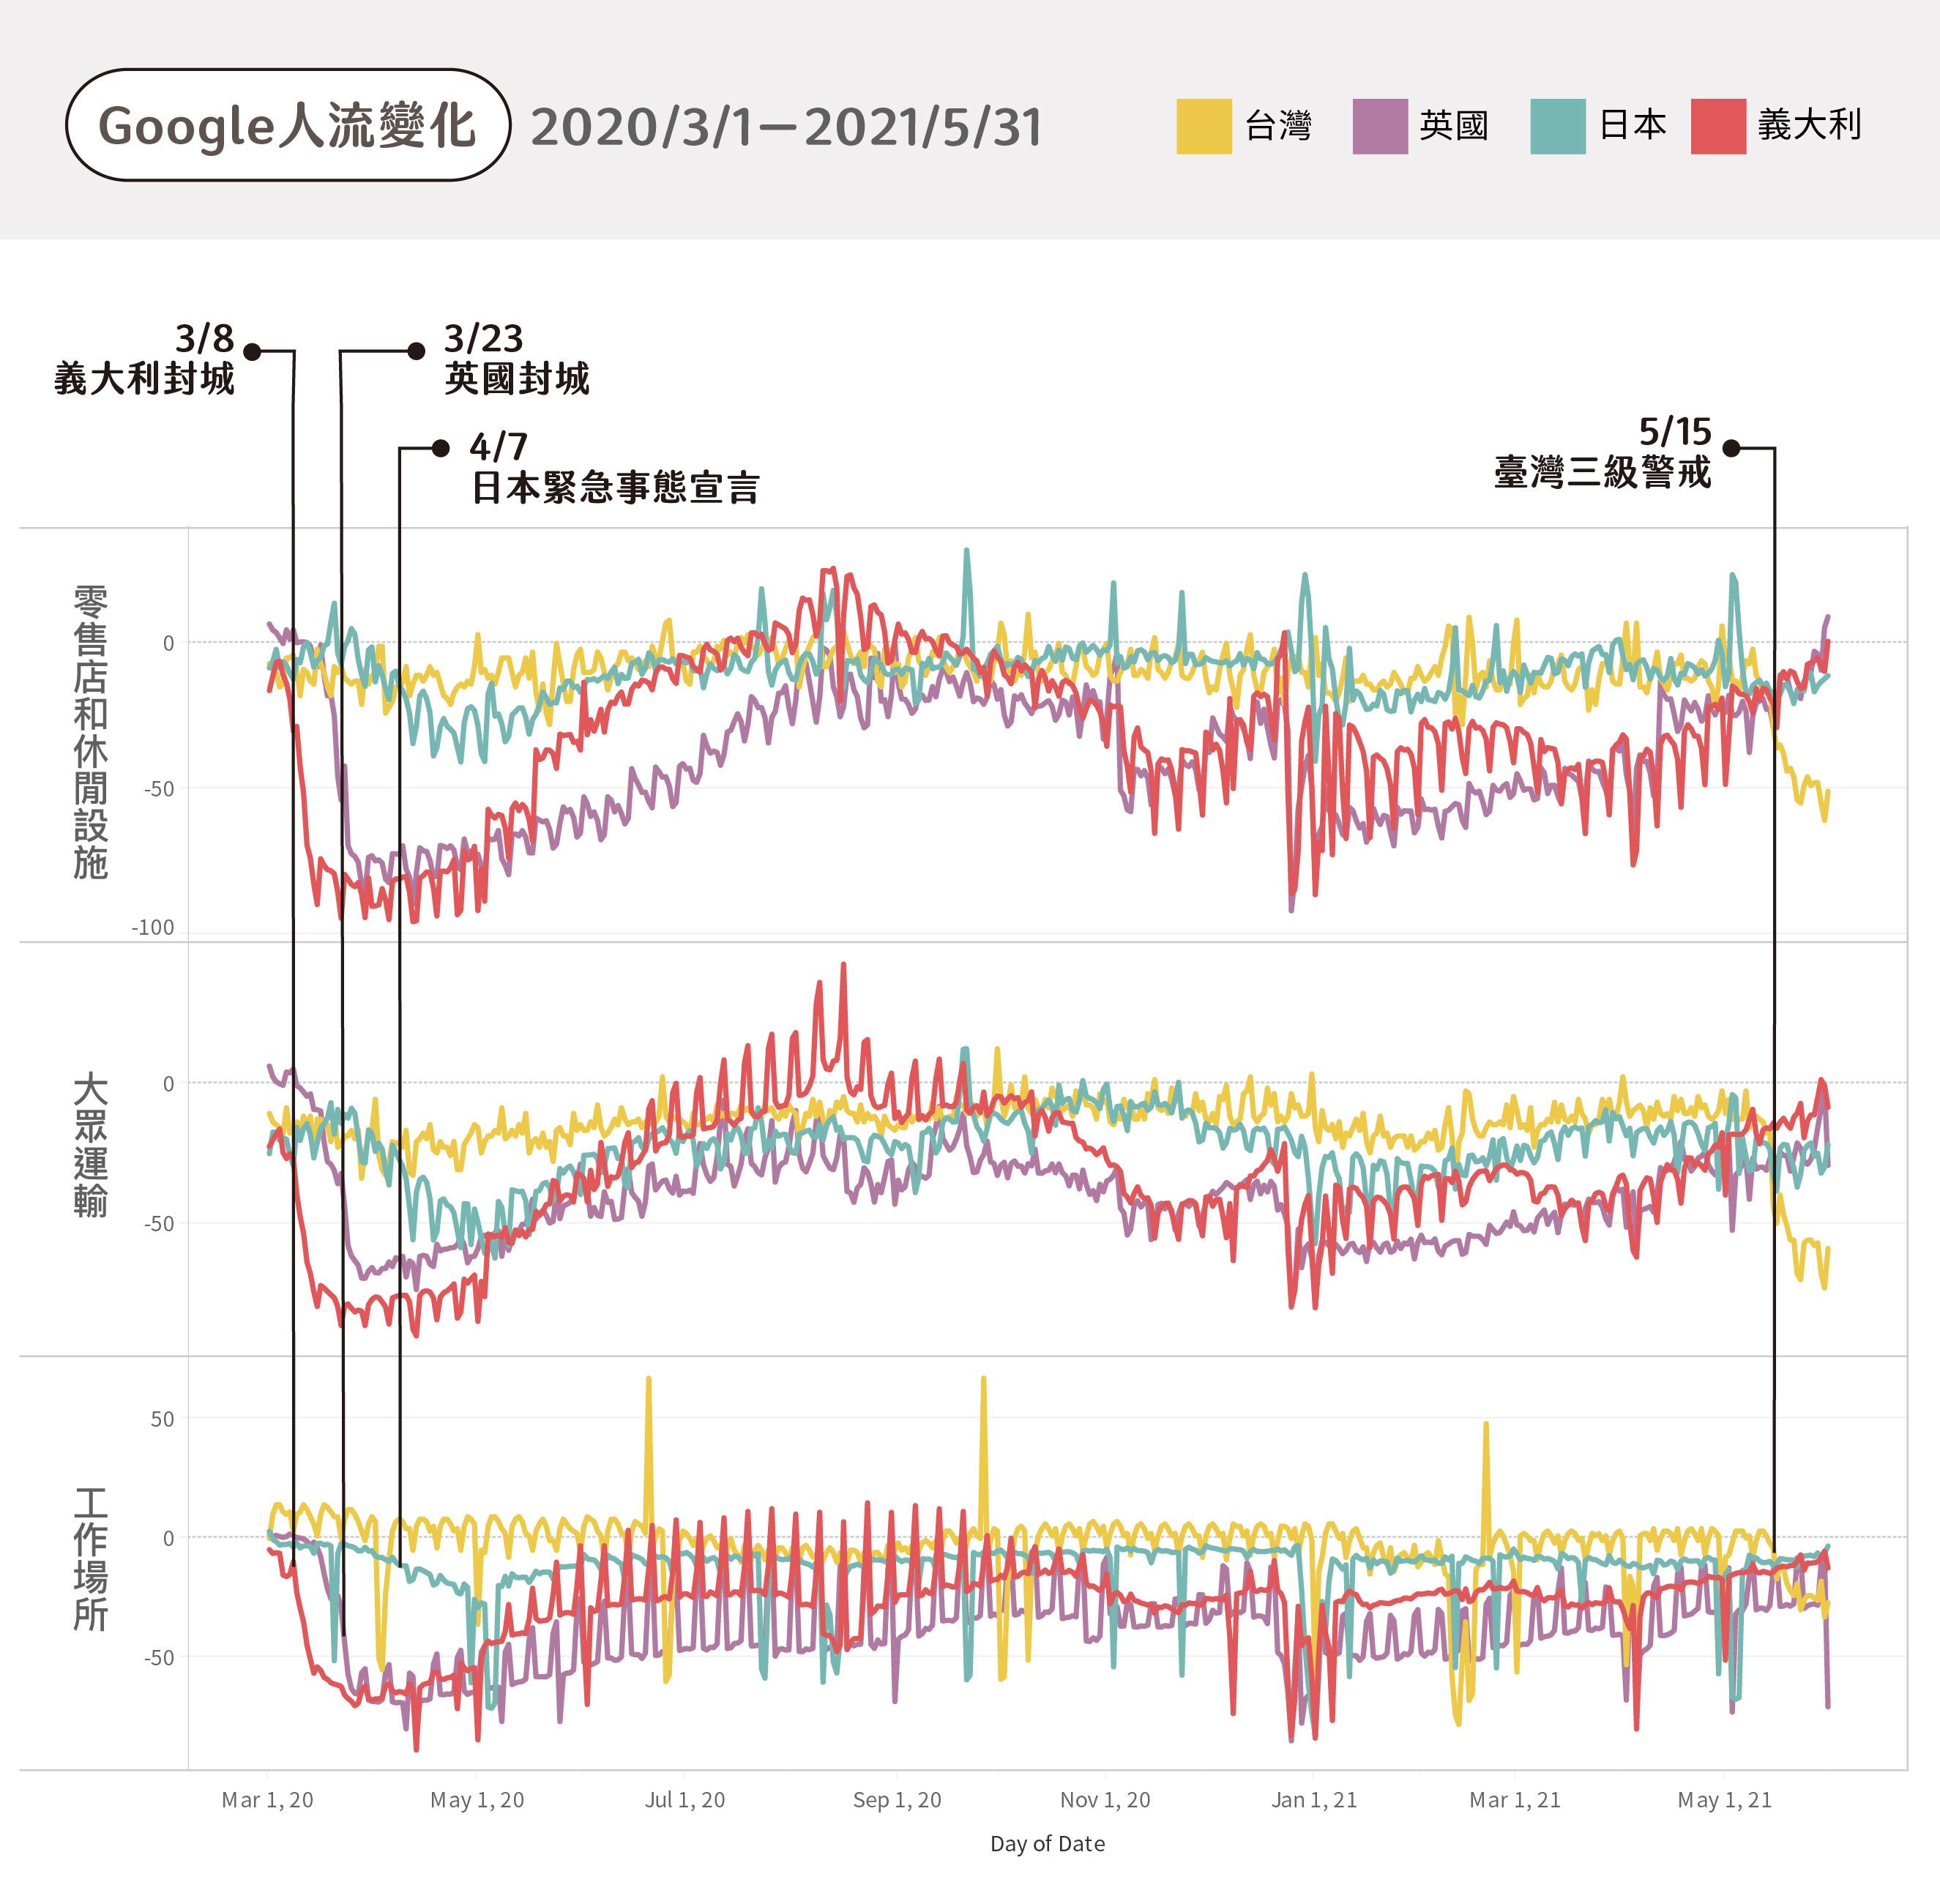 以 Google Mobility 比較各國人流,英國、法國在第一次封城後,大眾運輸、零售店減少約 7-8 成人潮,義大利下降約 9 成。臺灣三級警戒後人流下降約 6-7 成。日本發布緊急事態宣言後,人潮則減少約 1-3 成。(註:本圖僅挑選三類場所示意)圖│詹大千